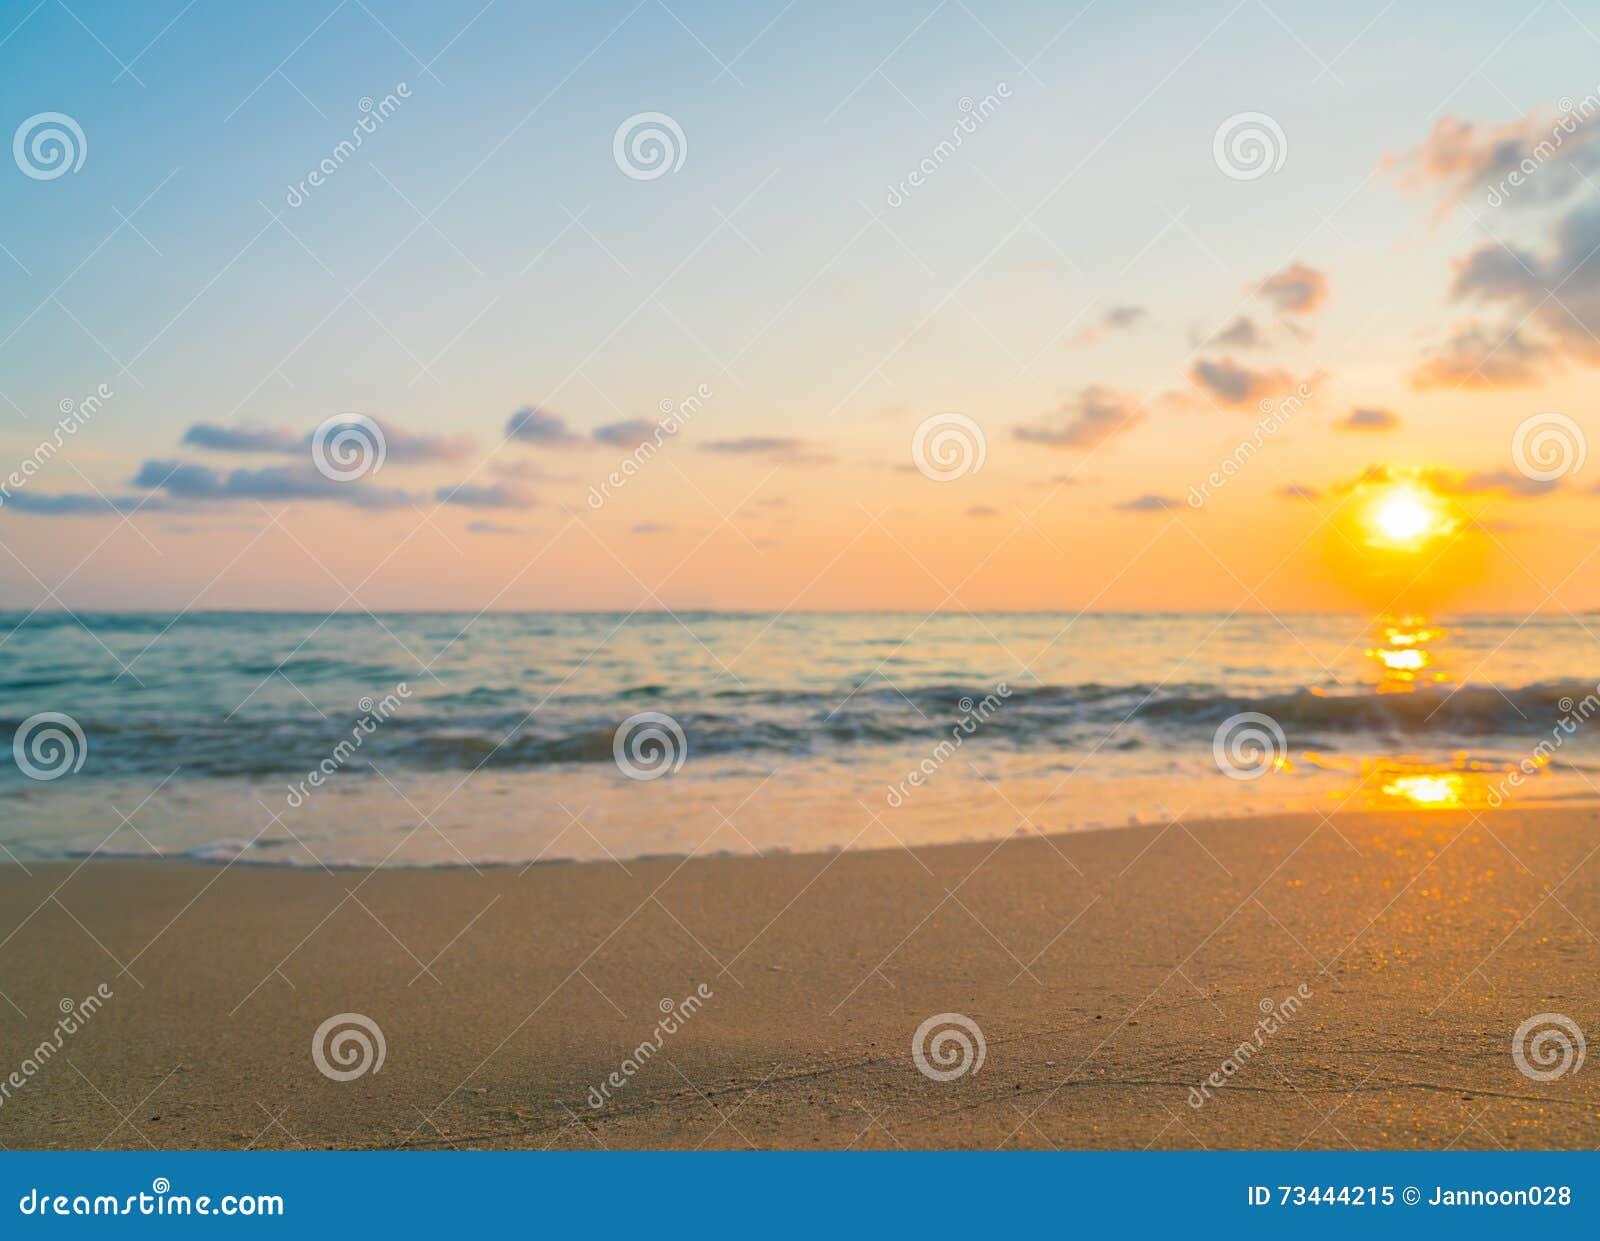 Zachód słońca nad morza czarnego